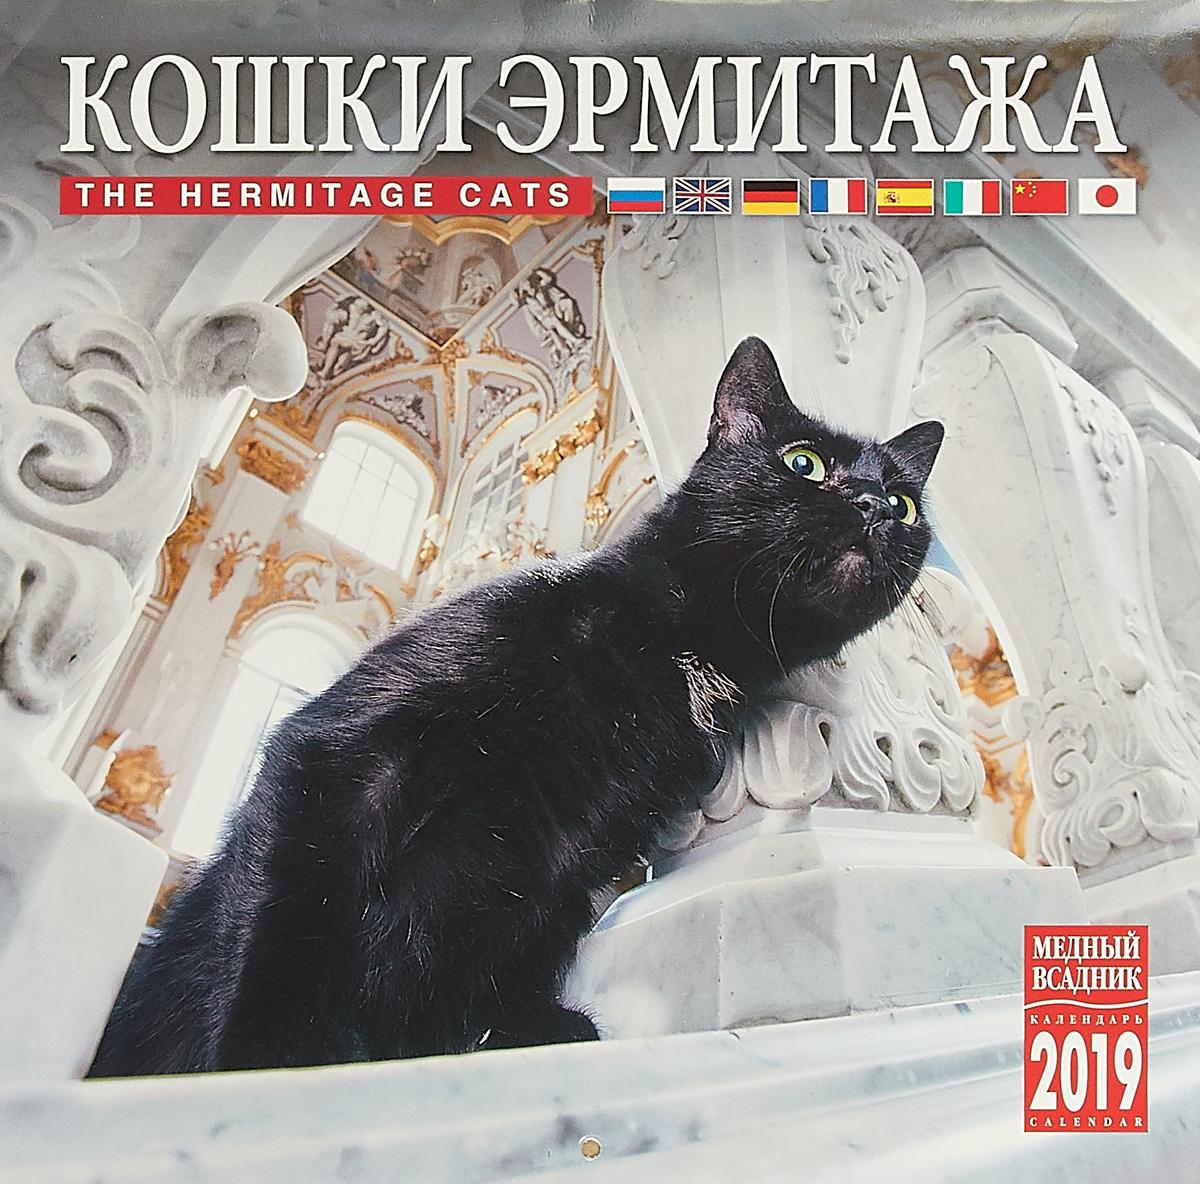 Календарь на спирали на 2019 год. Кошки Эрмитажа малый лист без зубцов 160 летие нового эрмитажа кот д ивуар 2012 год